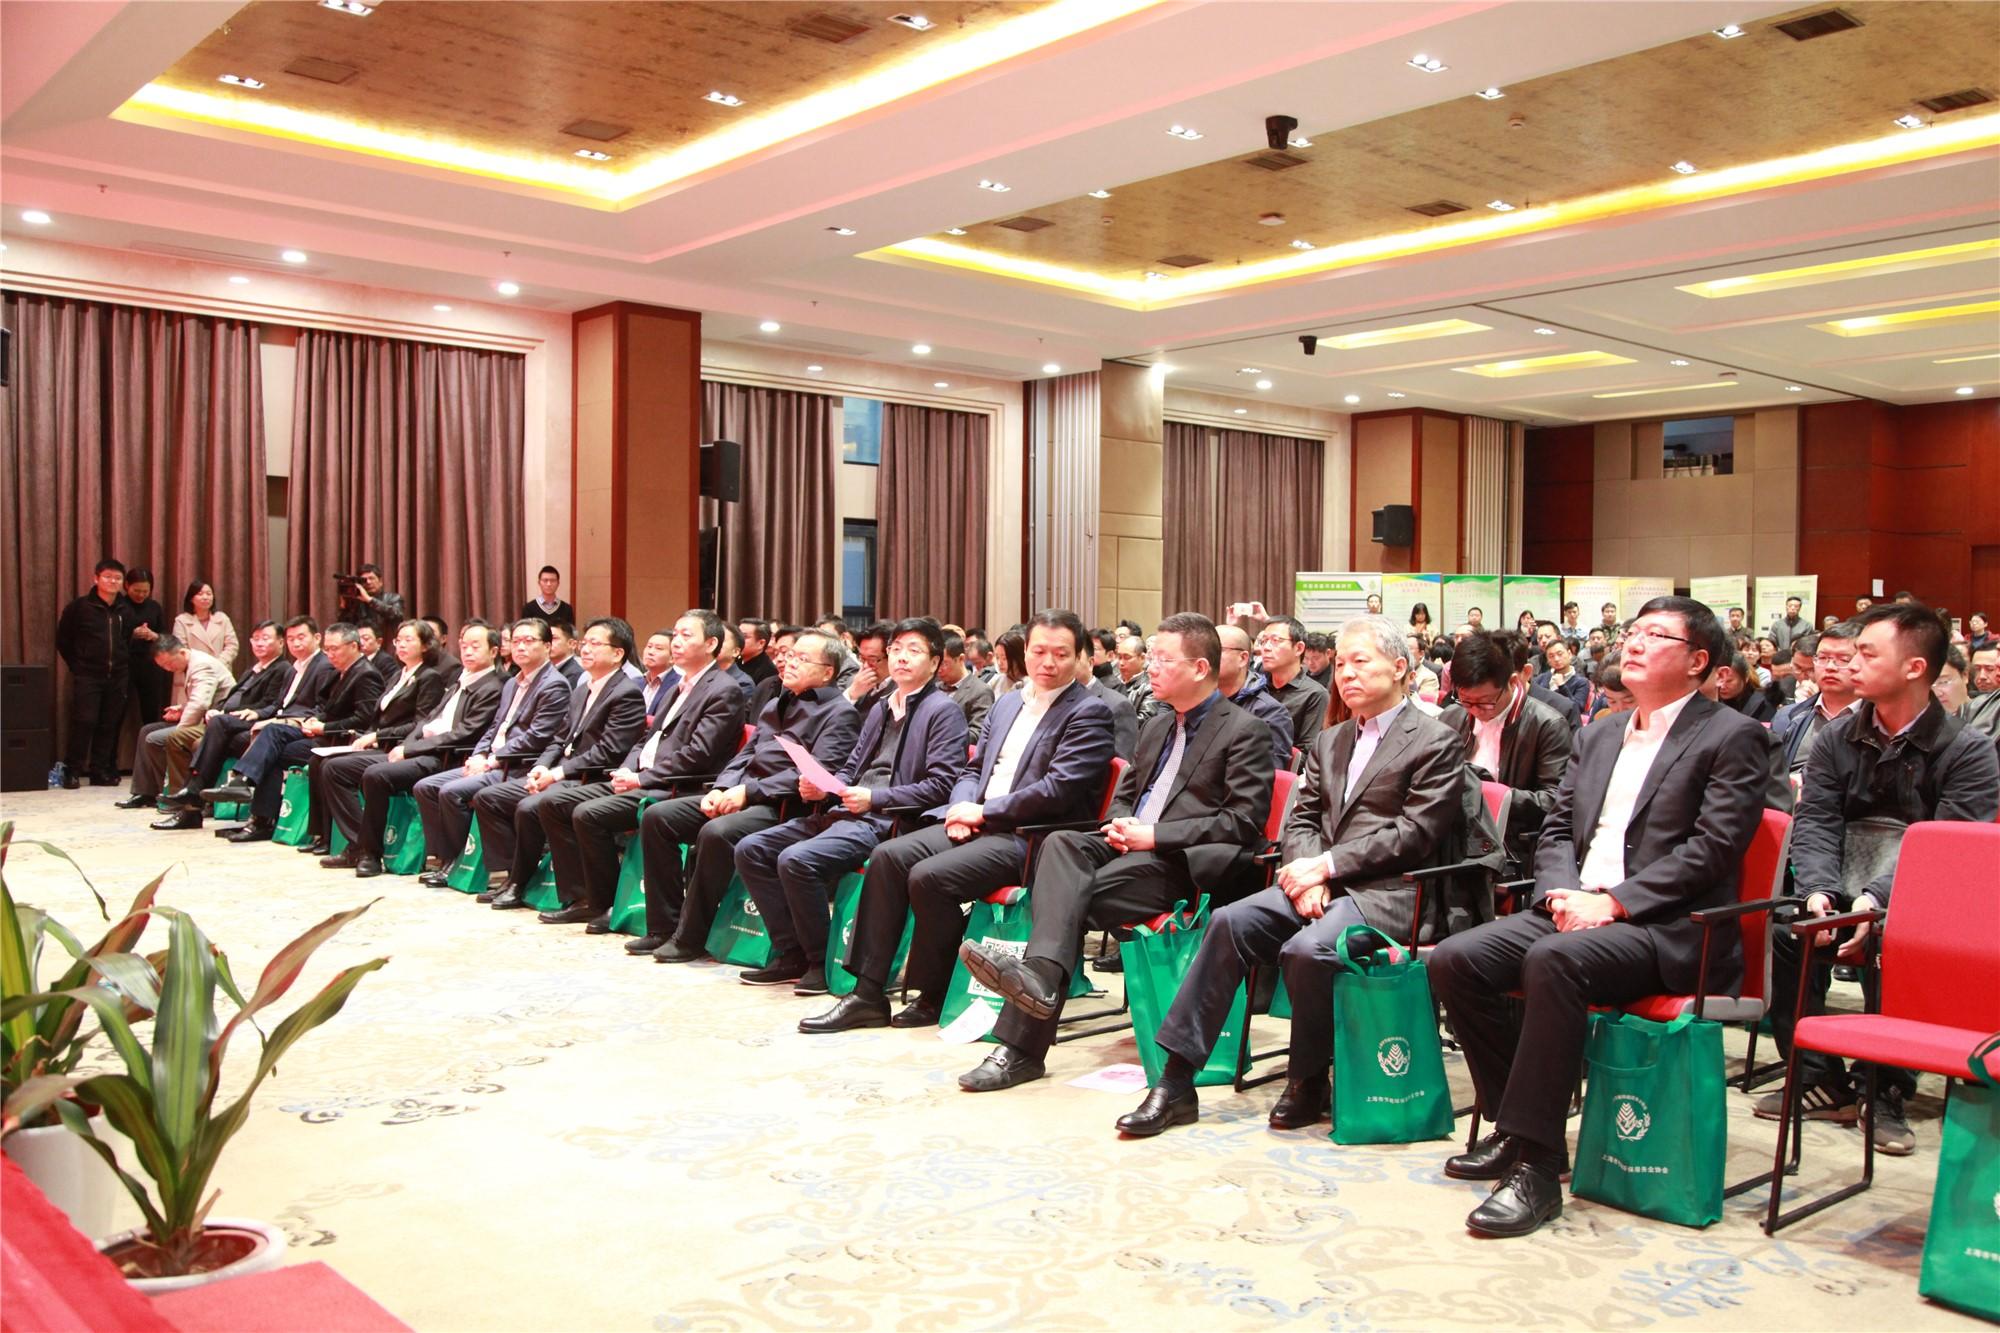 创新服务 稳步前行 | 皇冠国际集团出席2019上海市节能服务产业峰会并获行业嘉奖